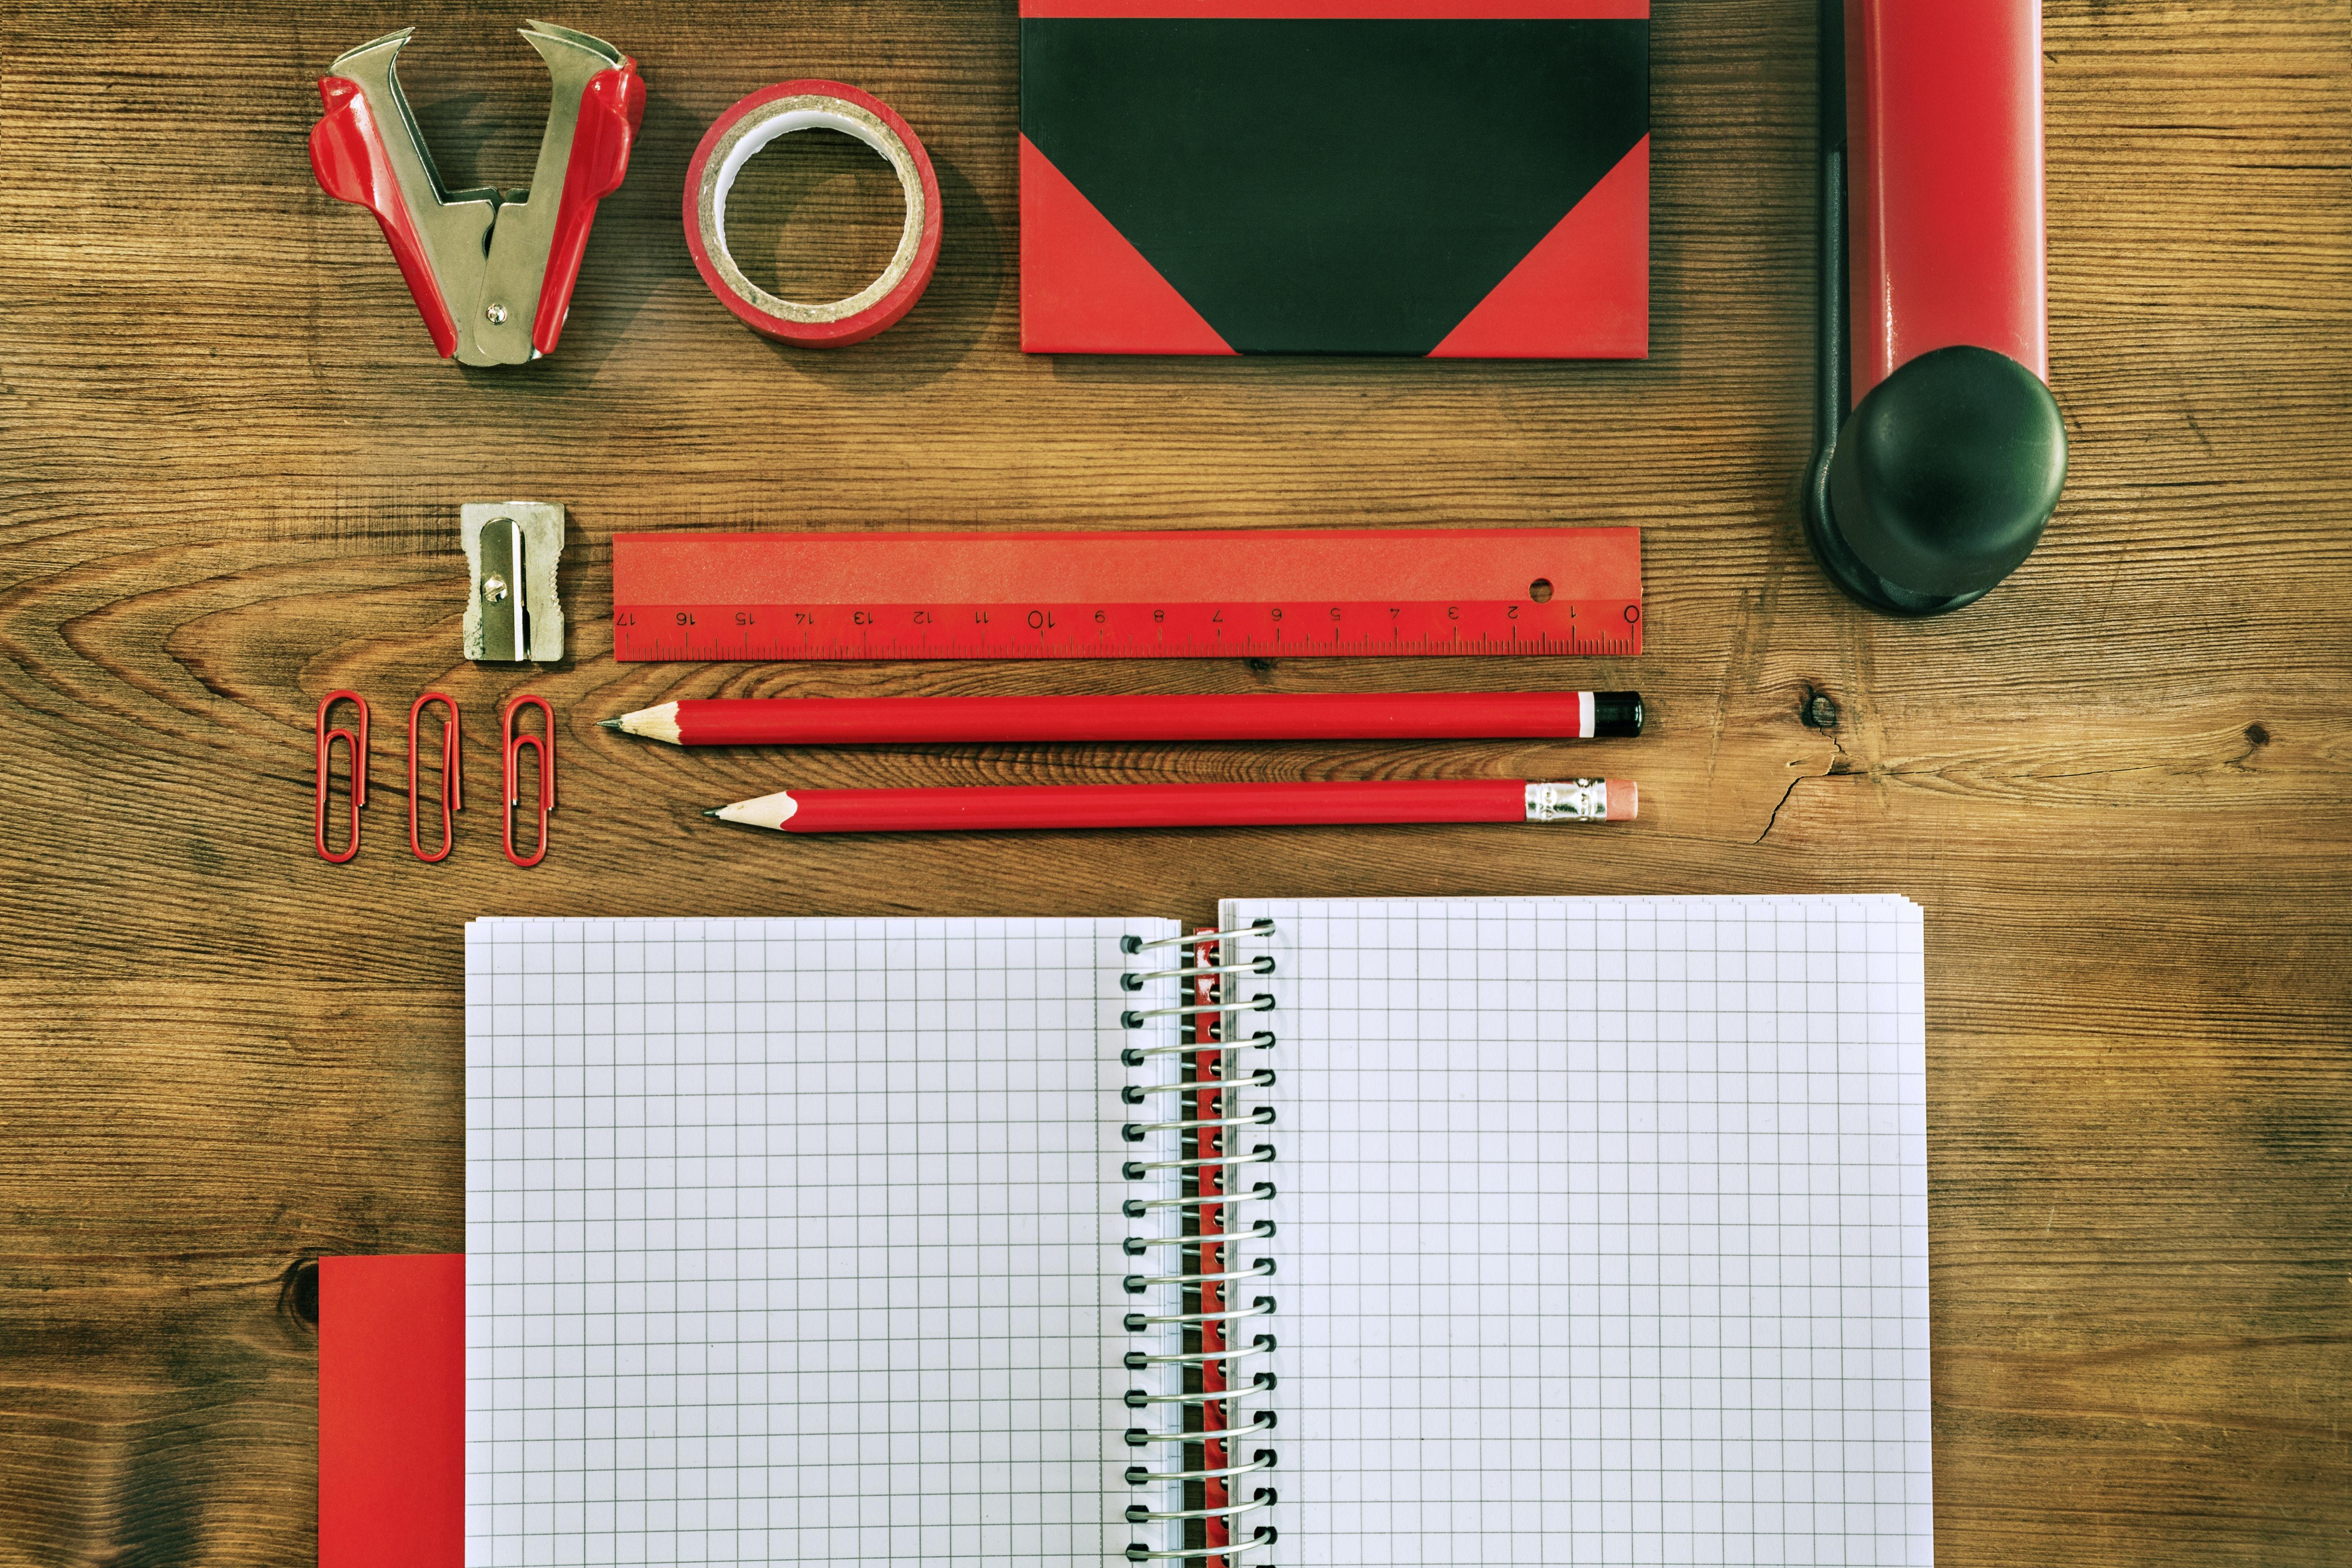 Bachelorarbeit unternehmen hausarbeit 10 seiten wie viele quellen